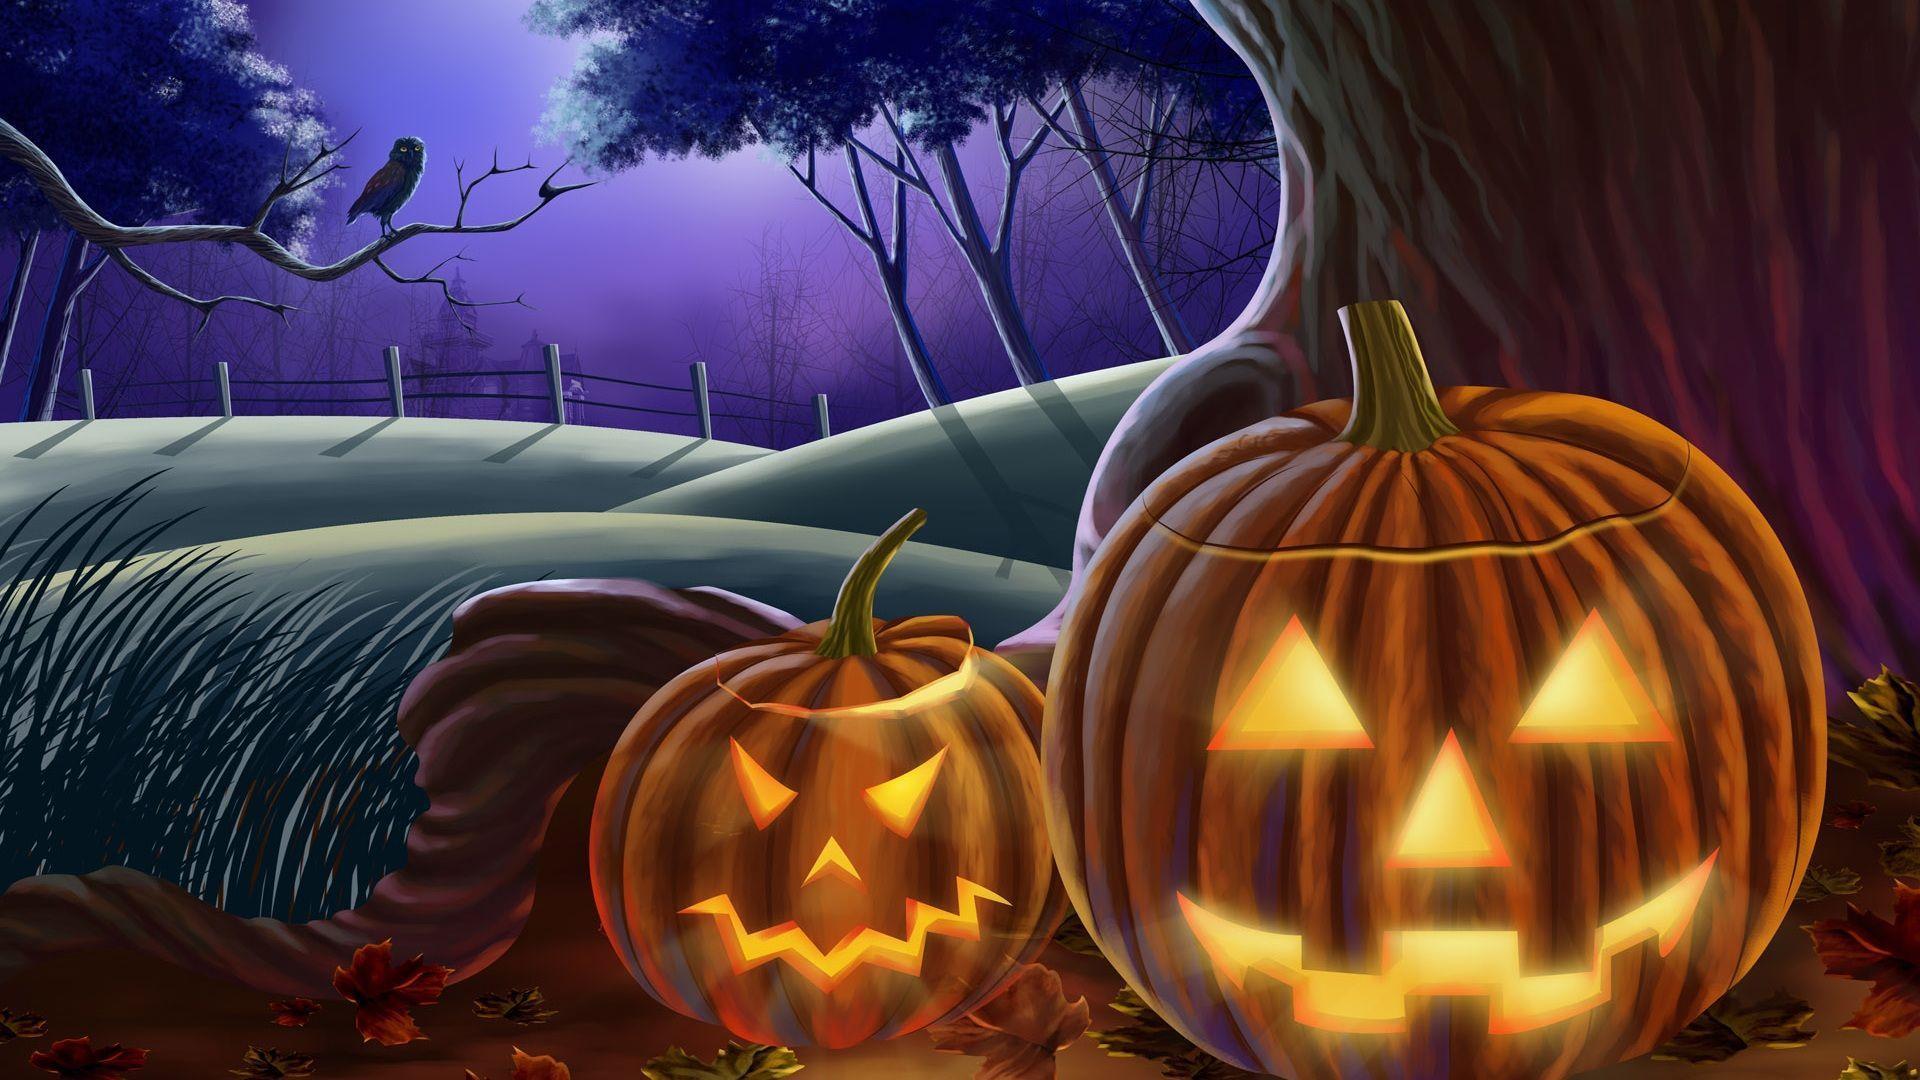 1920x1080 Halloween Wallpapers - Wallpaper Cave